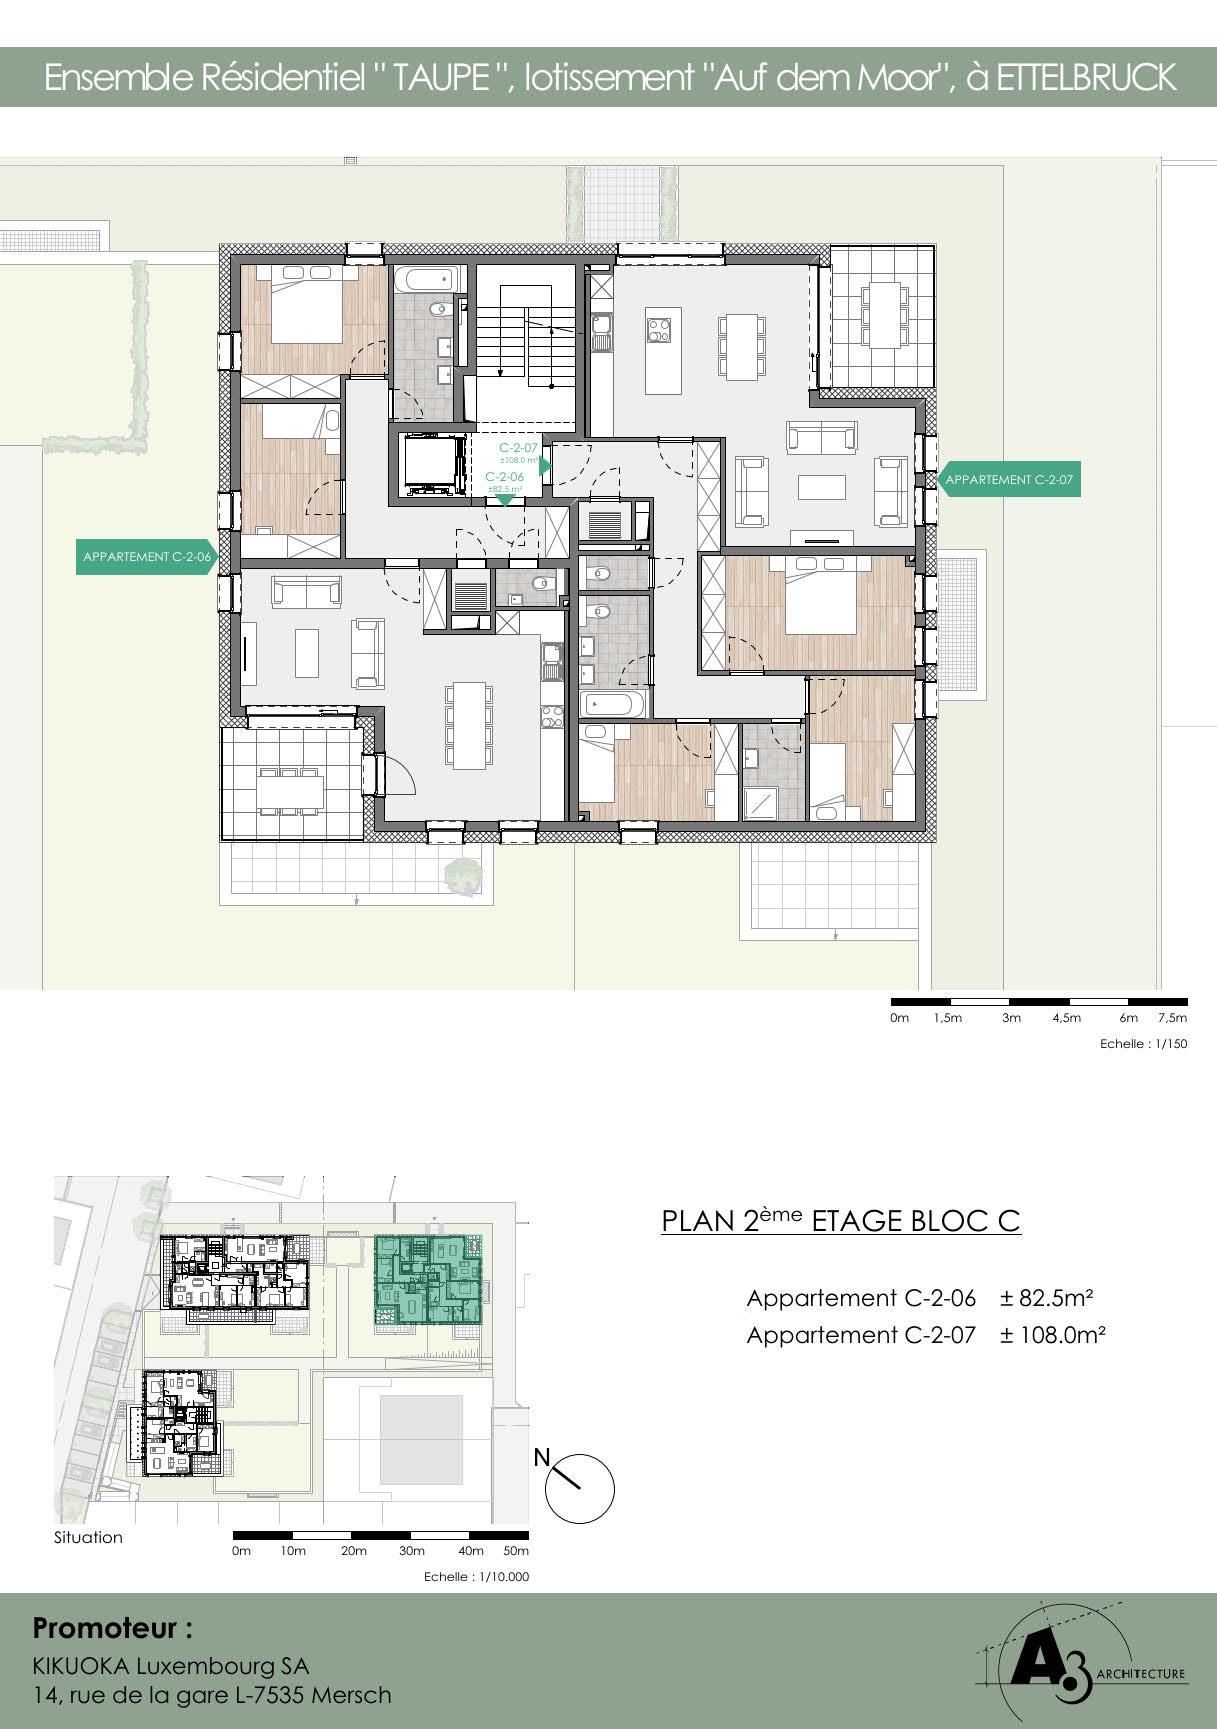 Bloc C: Etage 2